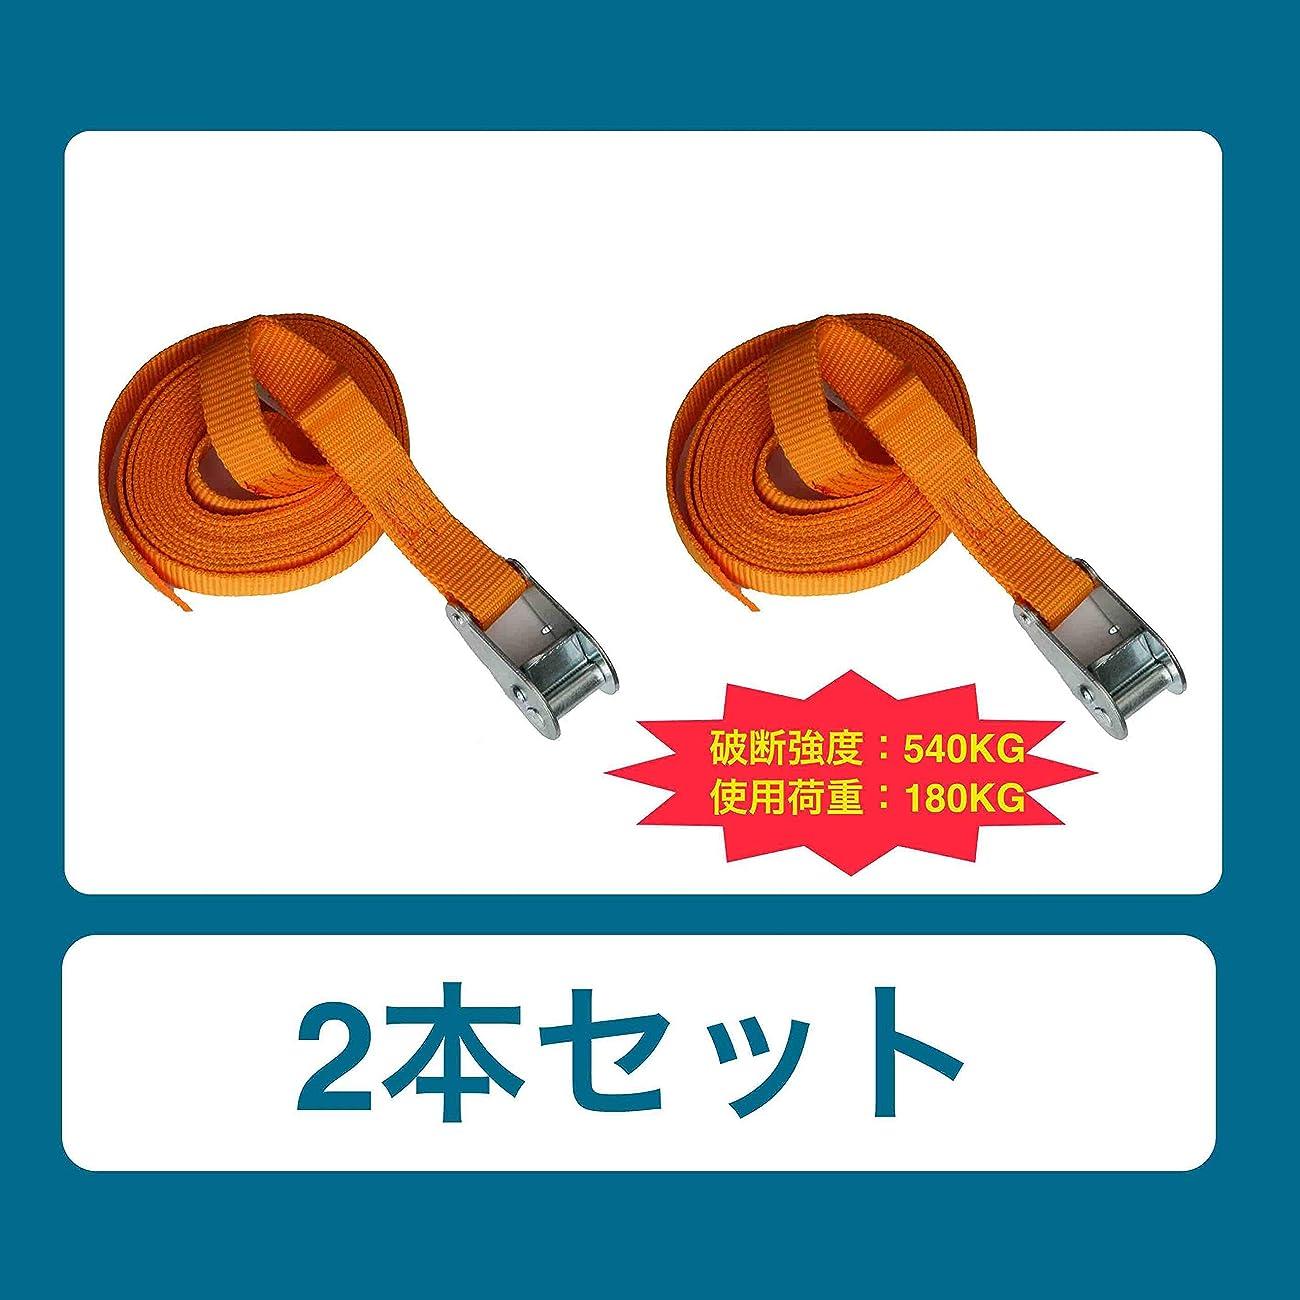 チョップ下ボトルネックラッシングベルト 荷締めベルト カムバックル式 ベルト長さ: 3.7m 破断強度:540kg 使用荷重:180kg オレンジ Lashing Strap(Cam Buckle) Orange 2本セット